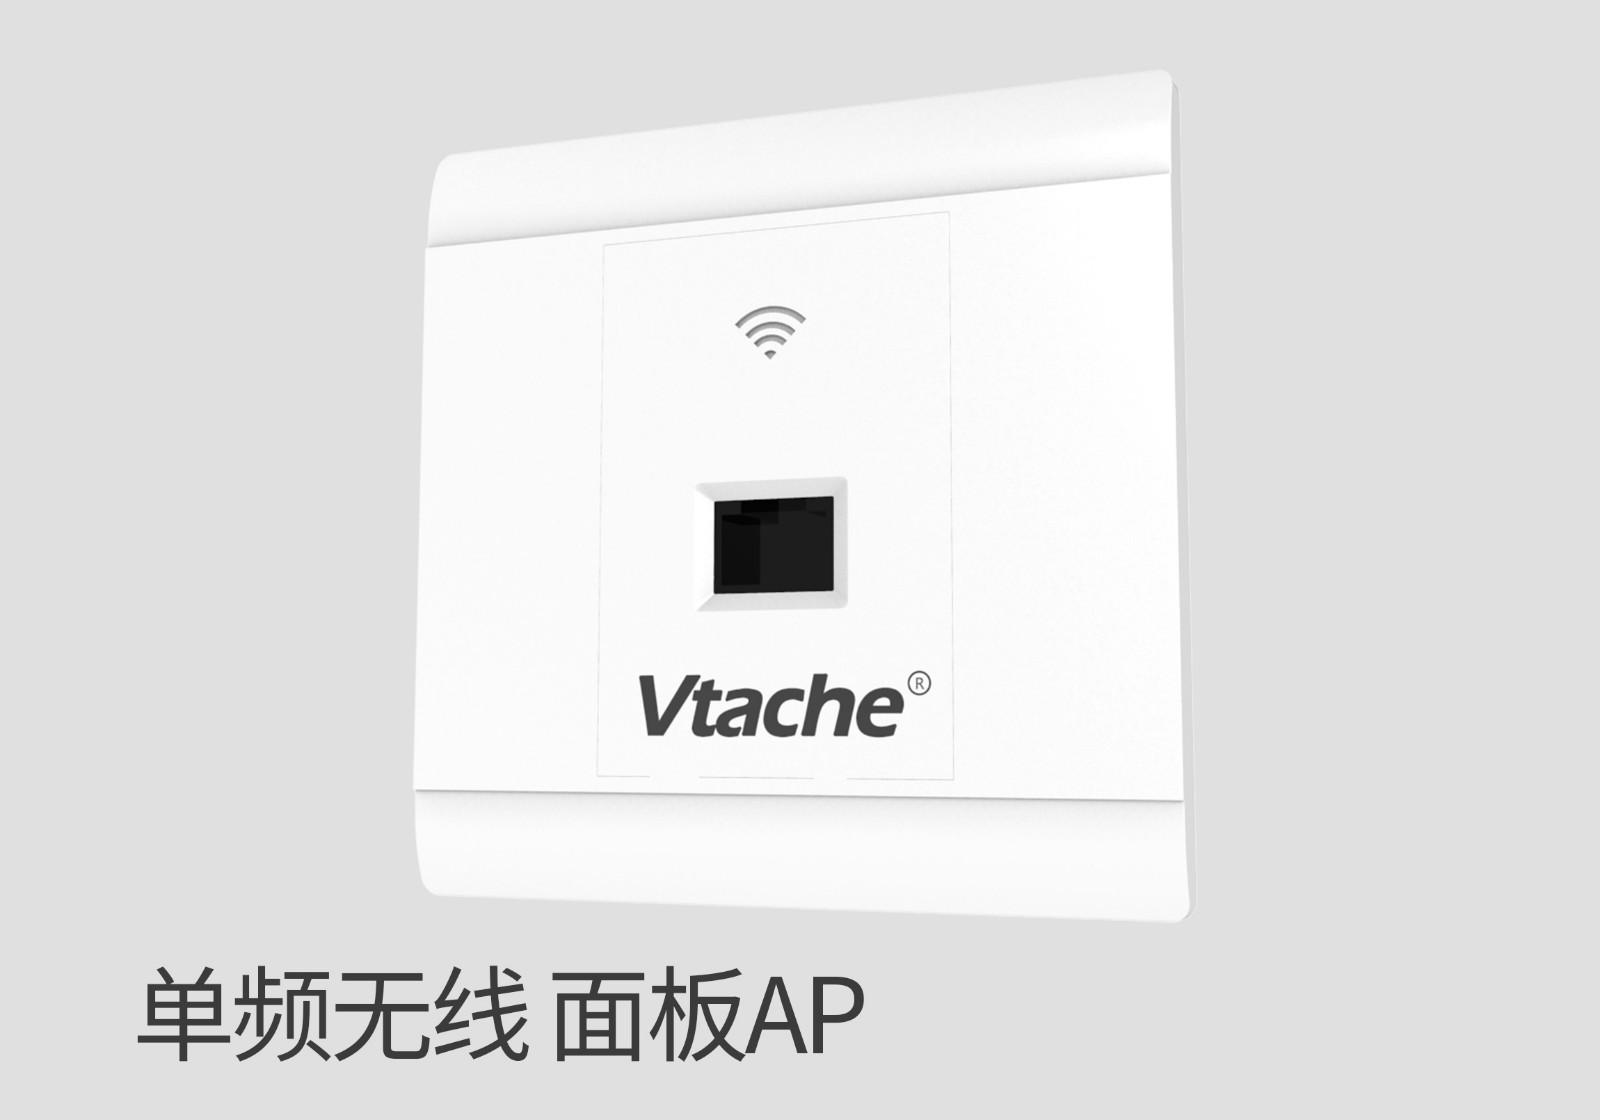 VT-AP2300-CW